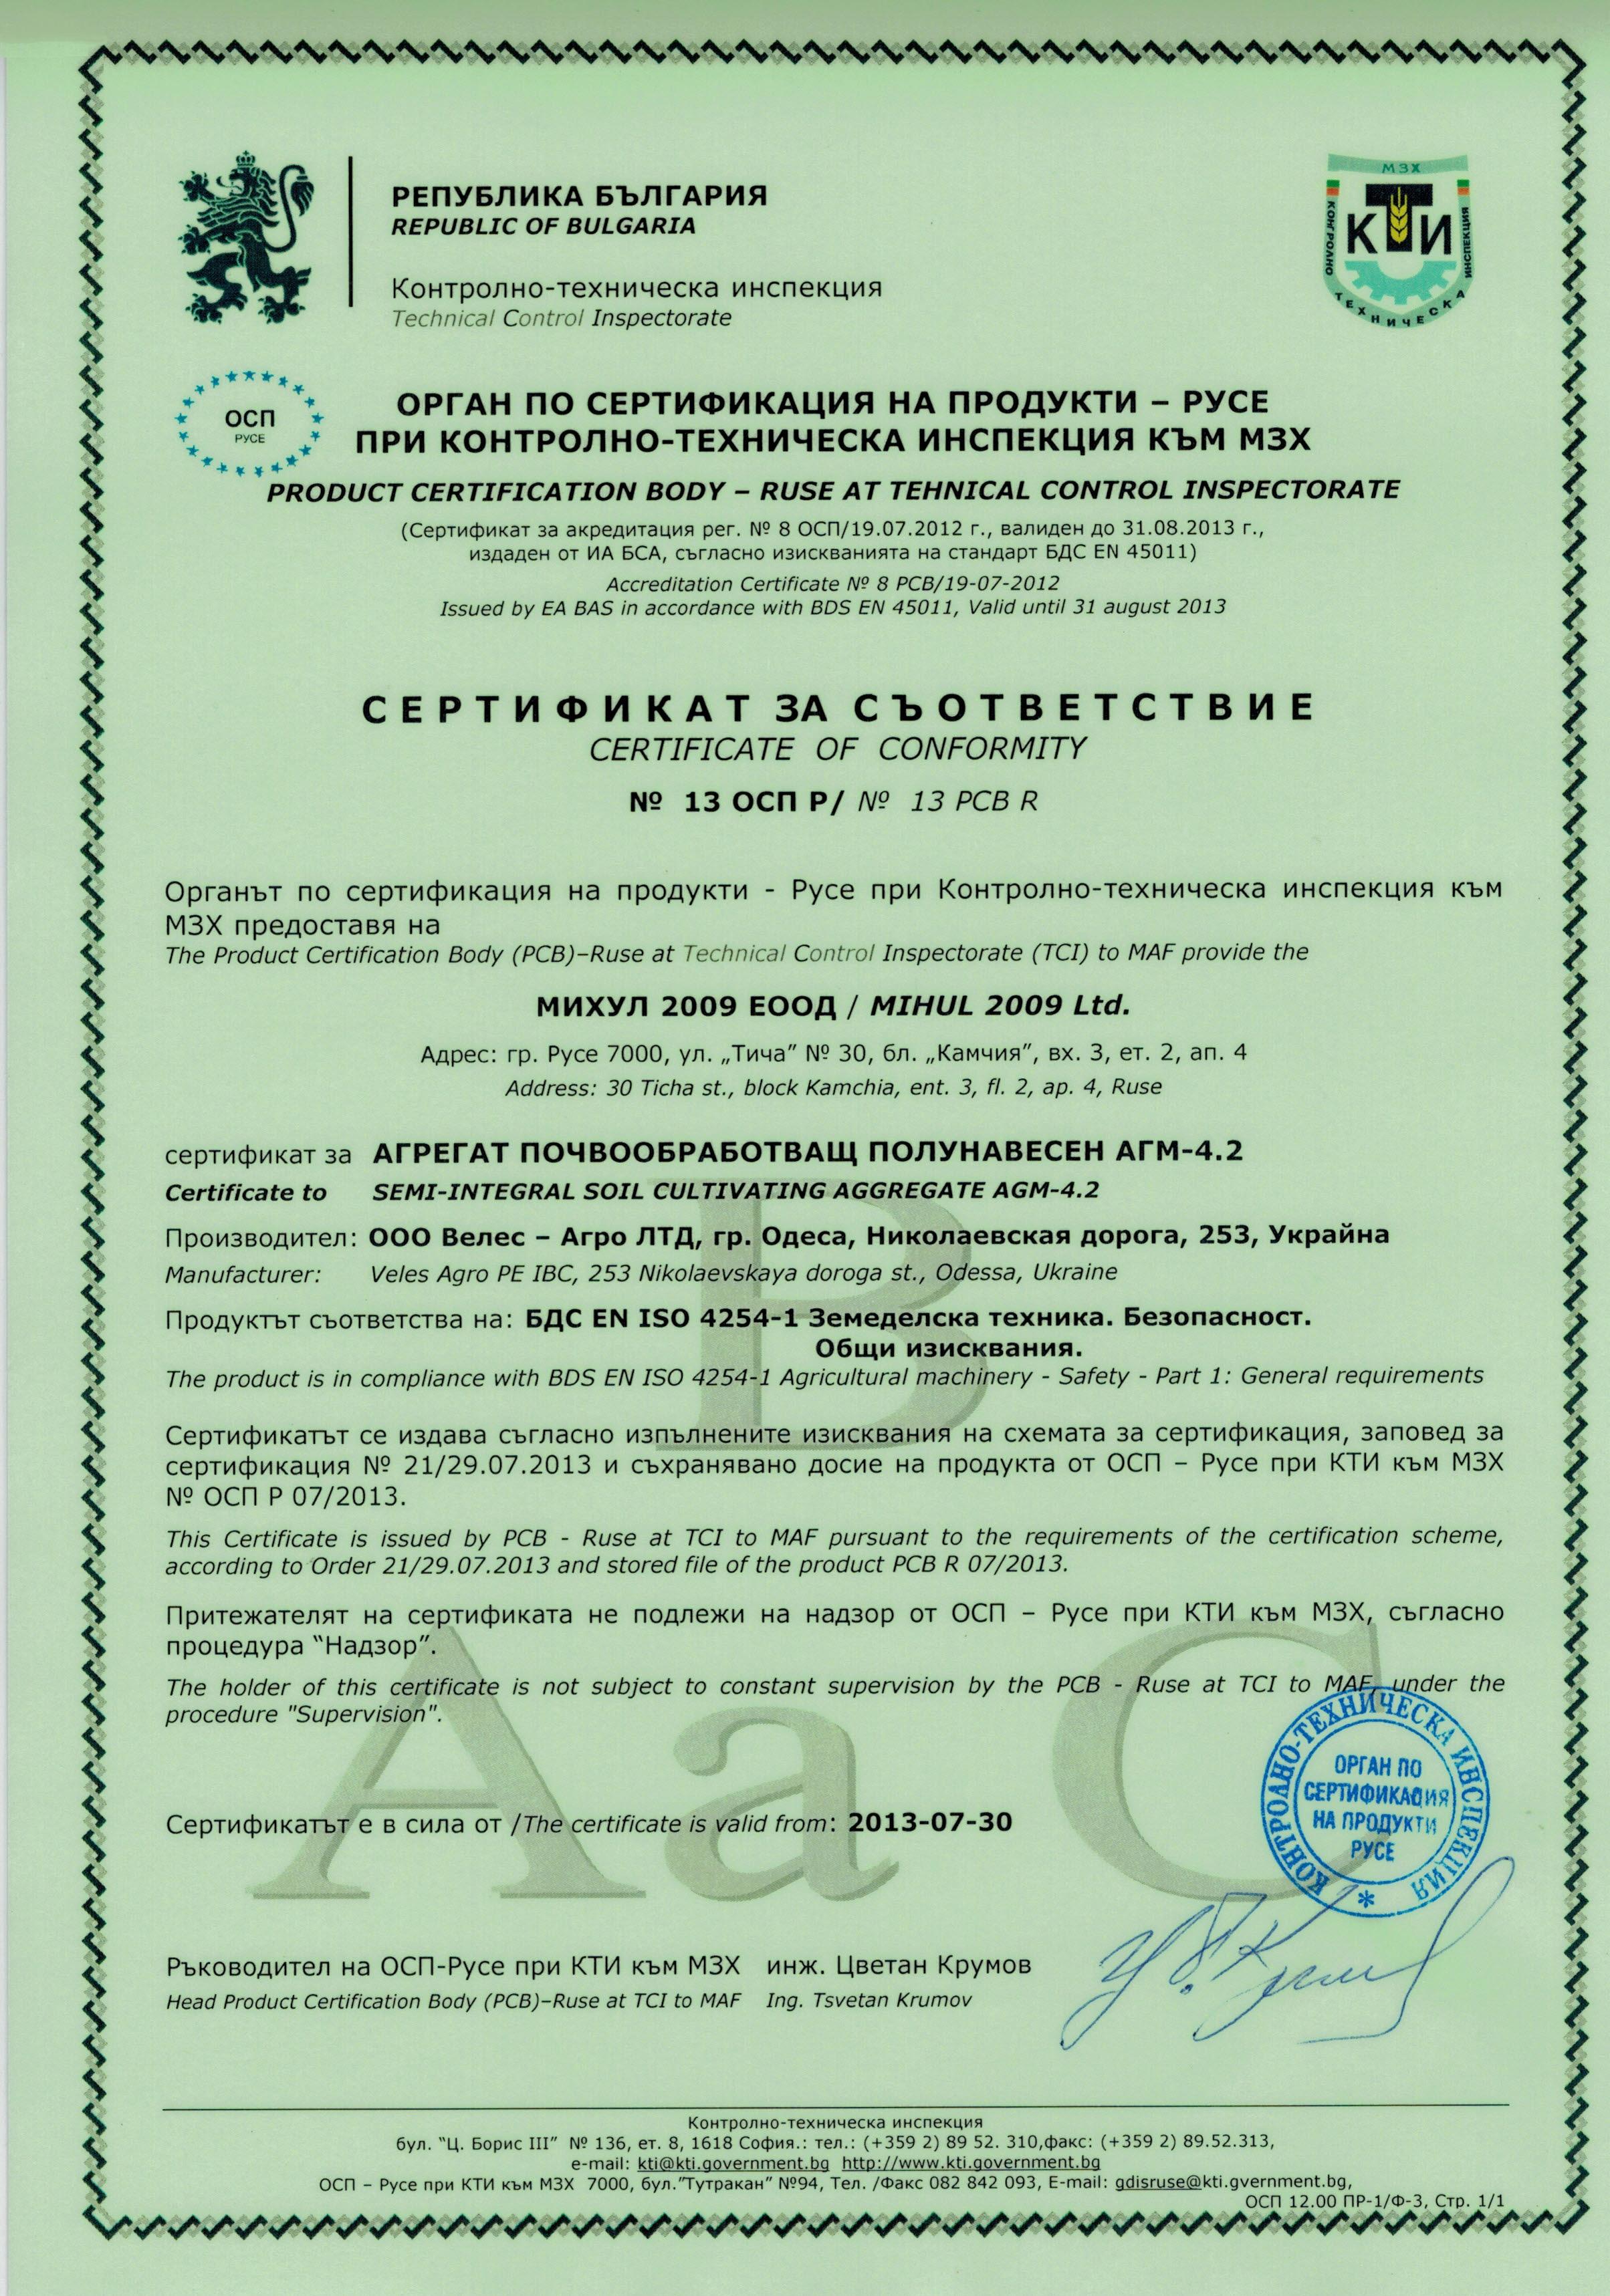 Сертификат соответствия дисковой бороны АГМ-4.2 Велес Агро